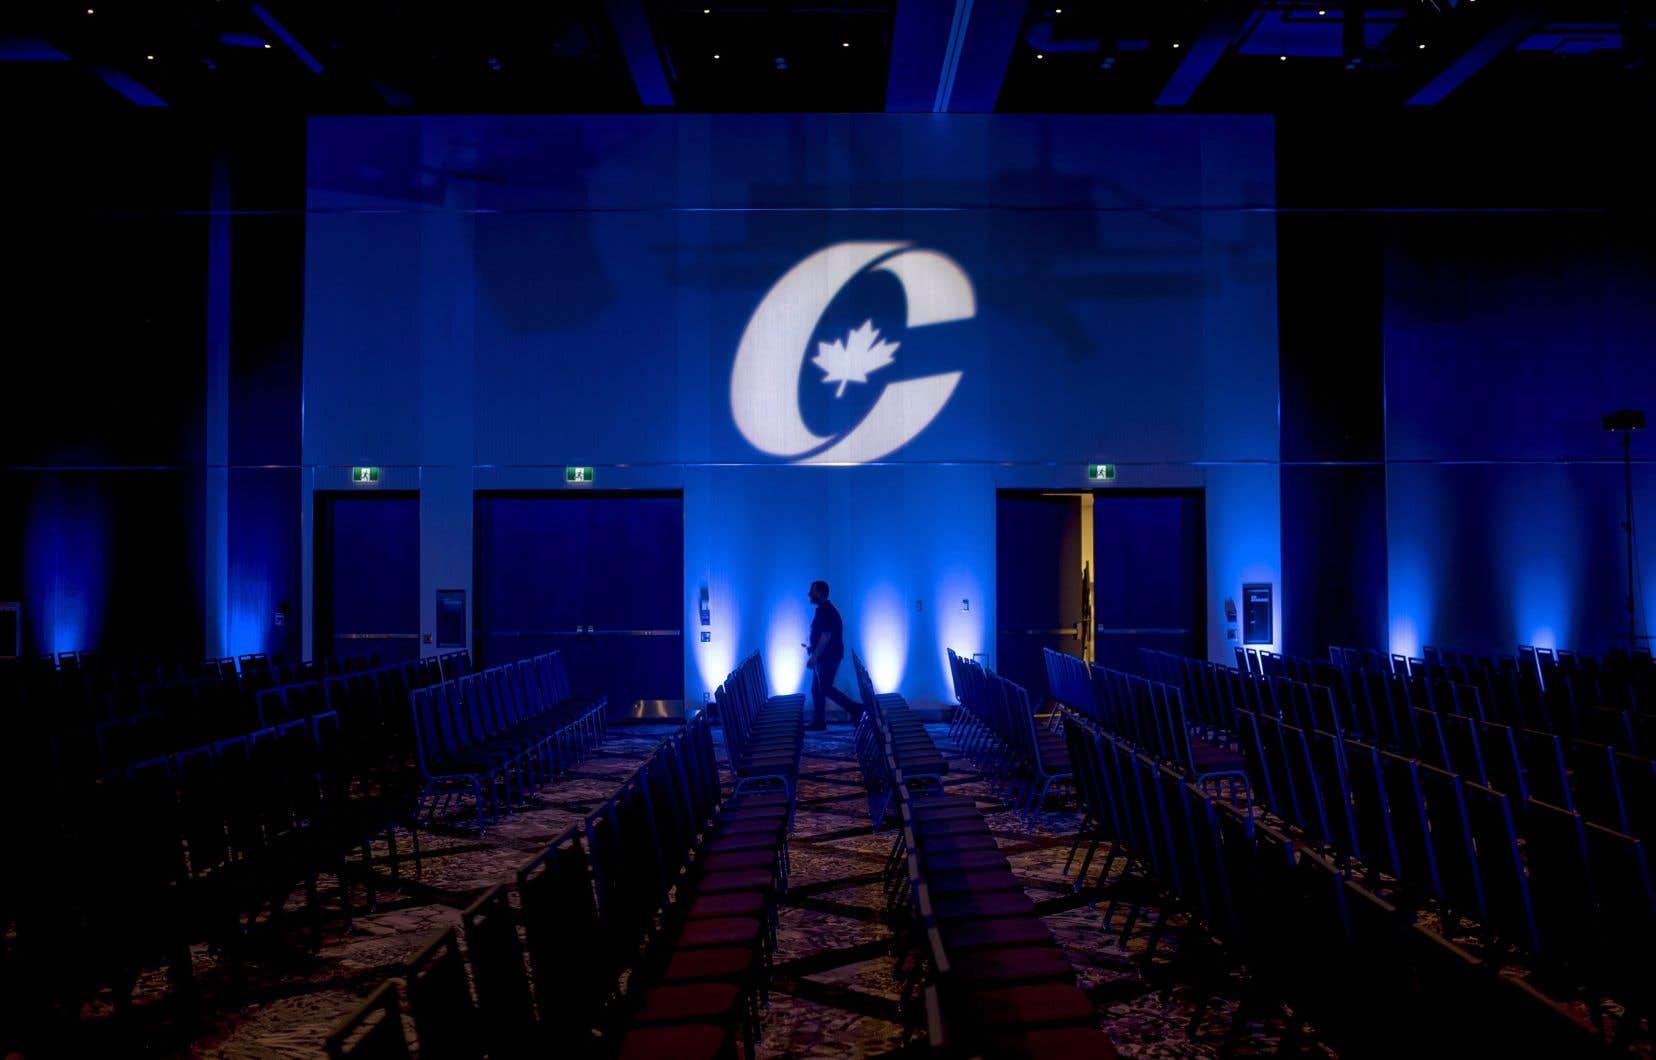 Les organisateurs ont déclaré qu'au moins 500 personnes étaient inscrites pour assister à l'événement virtuel.